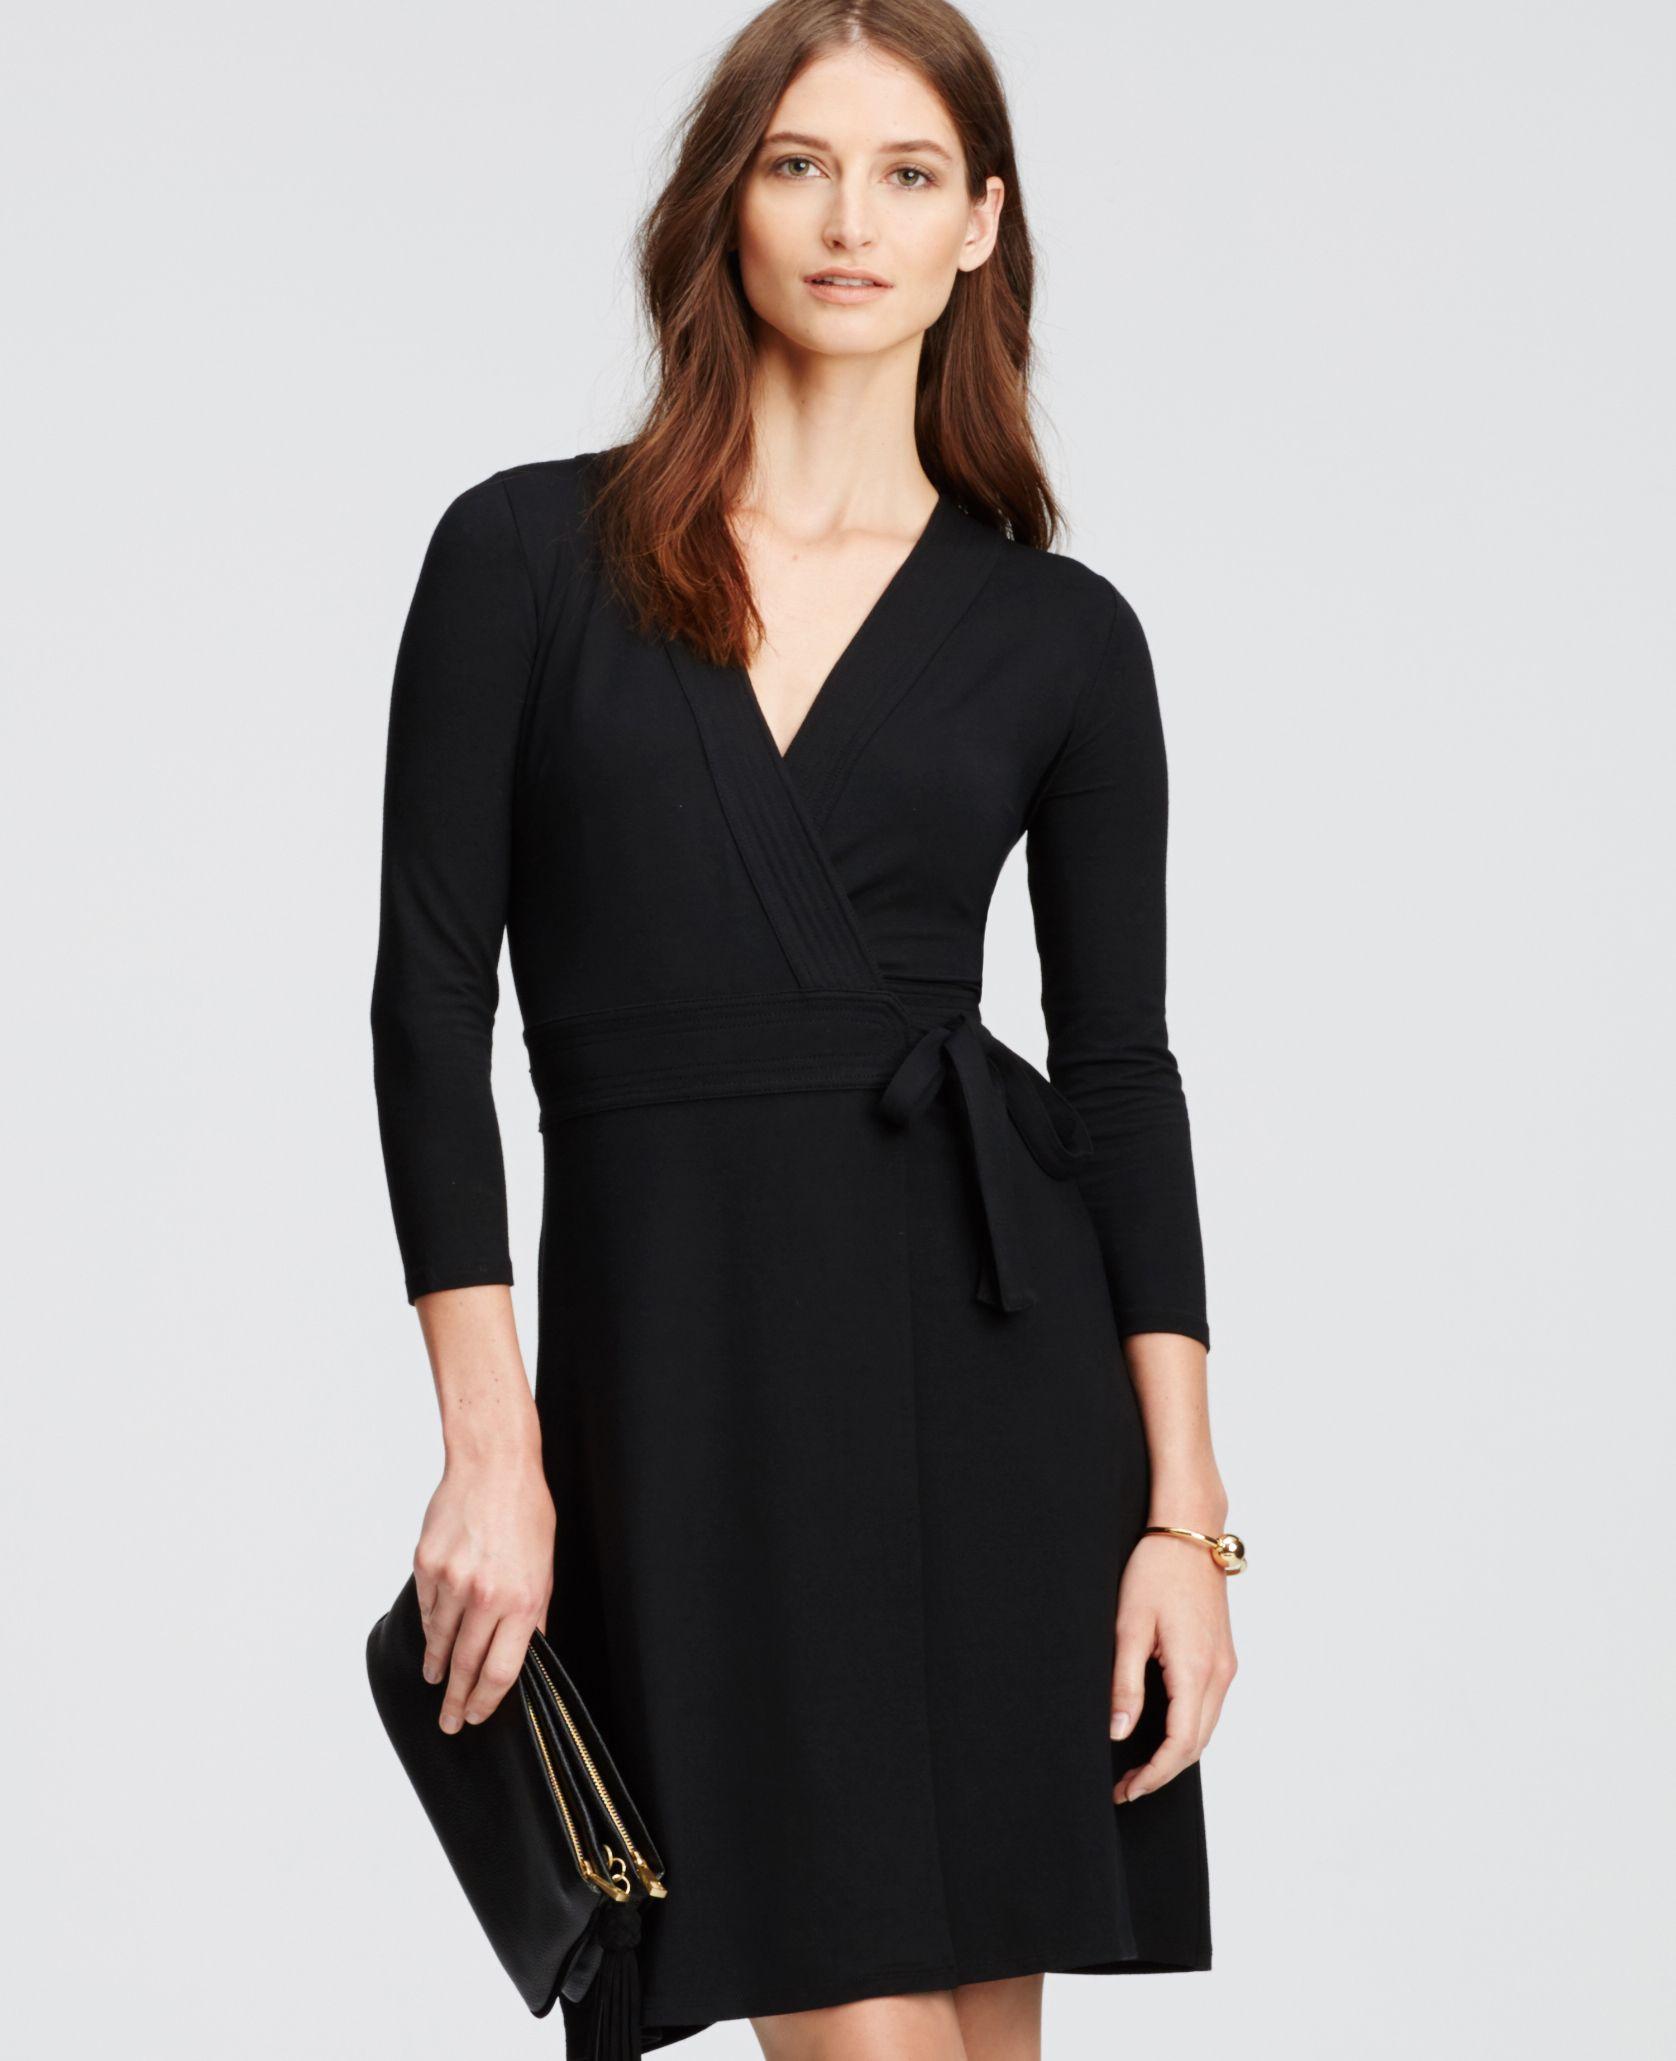 3 4 Sleeve Wrap Dress Ann Taylor Wrap Dress Dresses Black Wrap Dress [ 2061 x 1676 Pixel ]